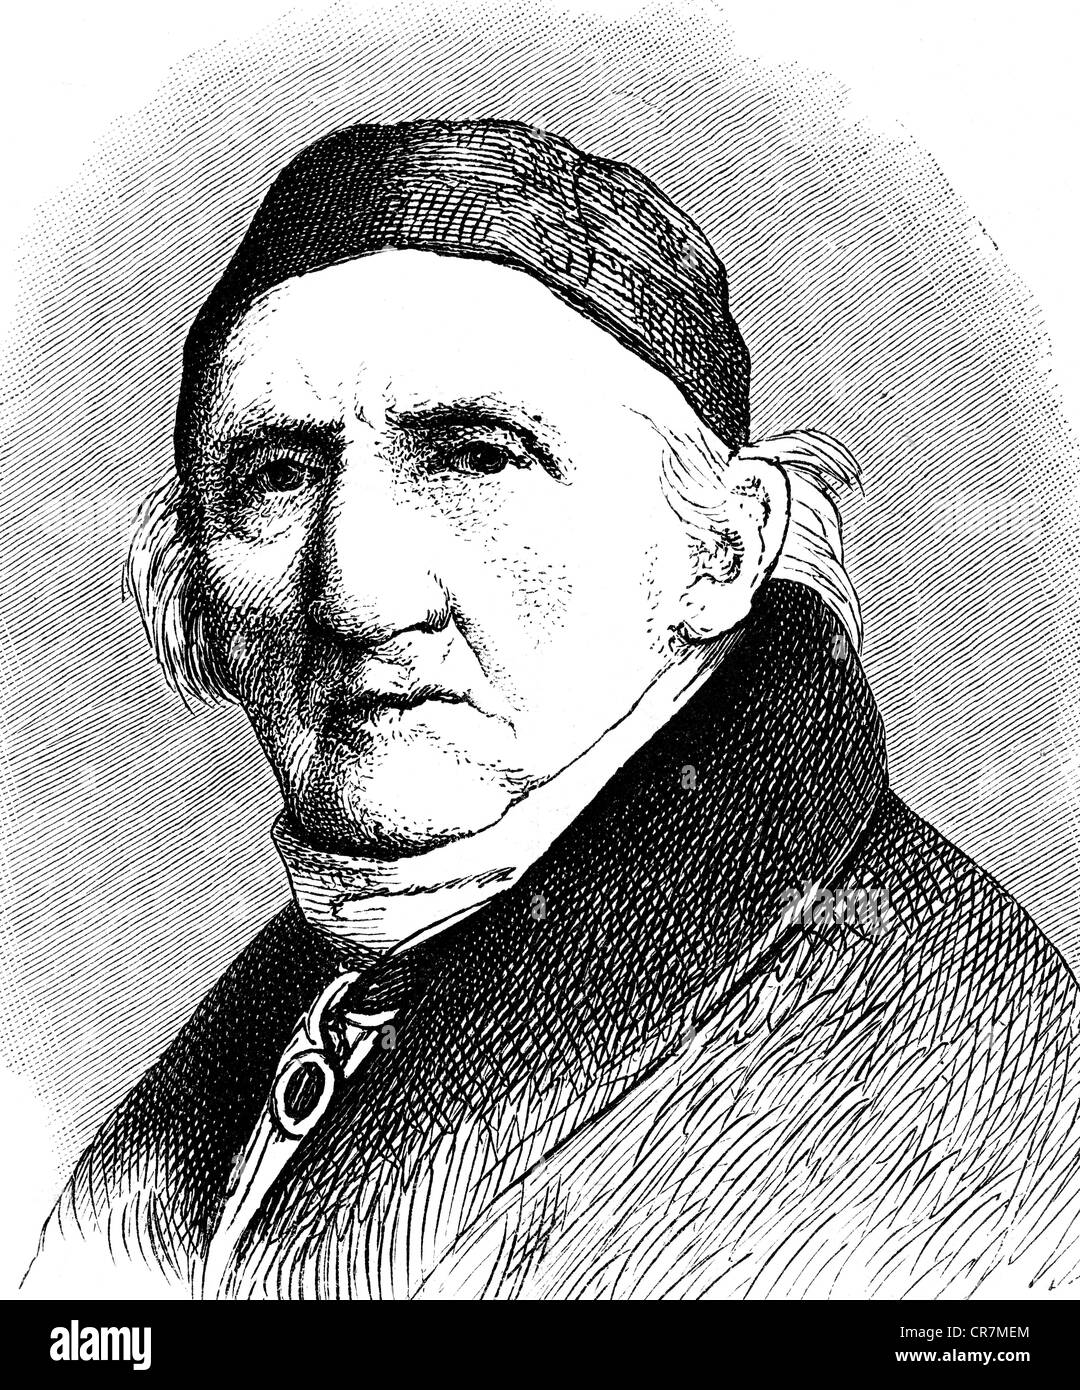 Schadow, Johann Gottfried, 20.5.1764 - 27.1.1850, scultore e grafico tedesco, ritratto, incisione in legno, 19th secolo, Foto Stock